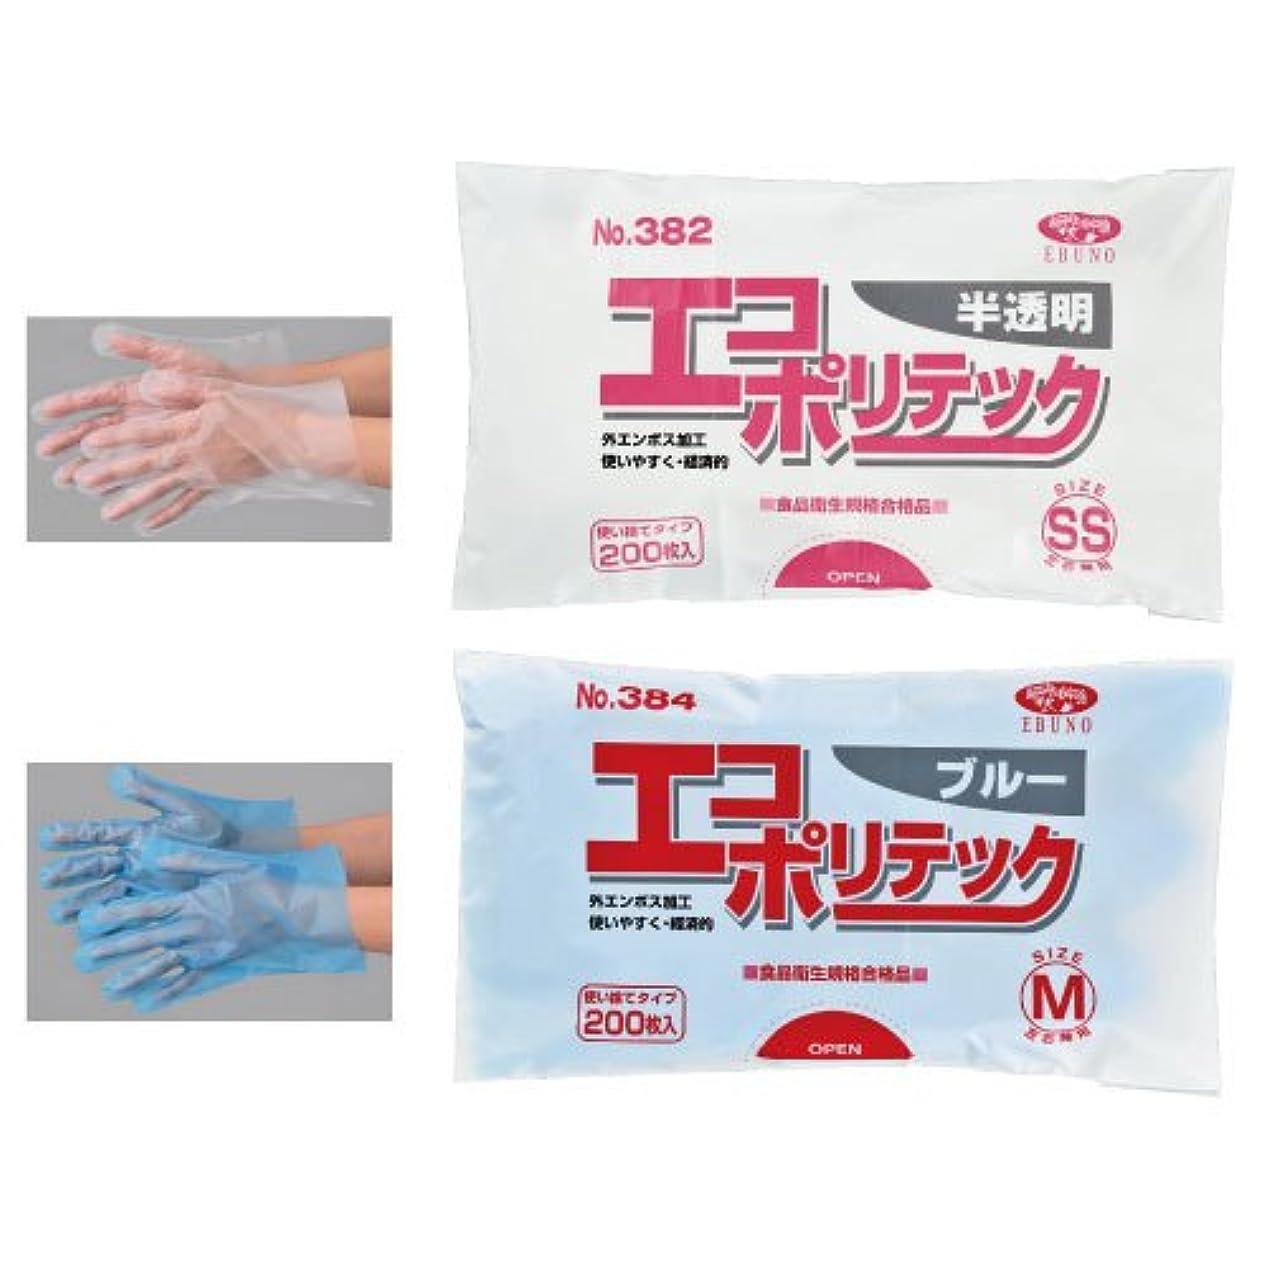 雨の消去路地エブノ ポリエチレン手袋 No.382 M 半透明 (200枚×30袋) エコポリテック 袋入